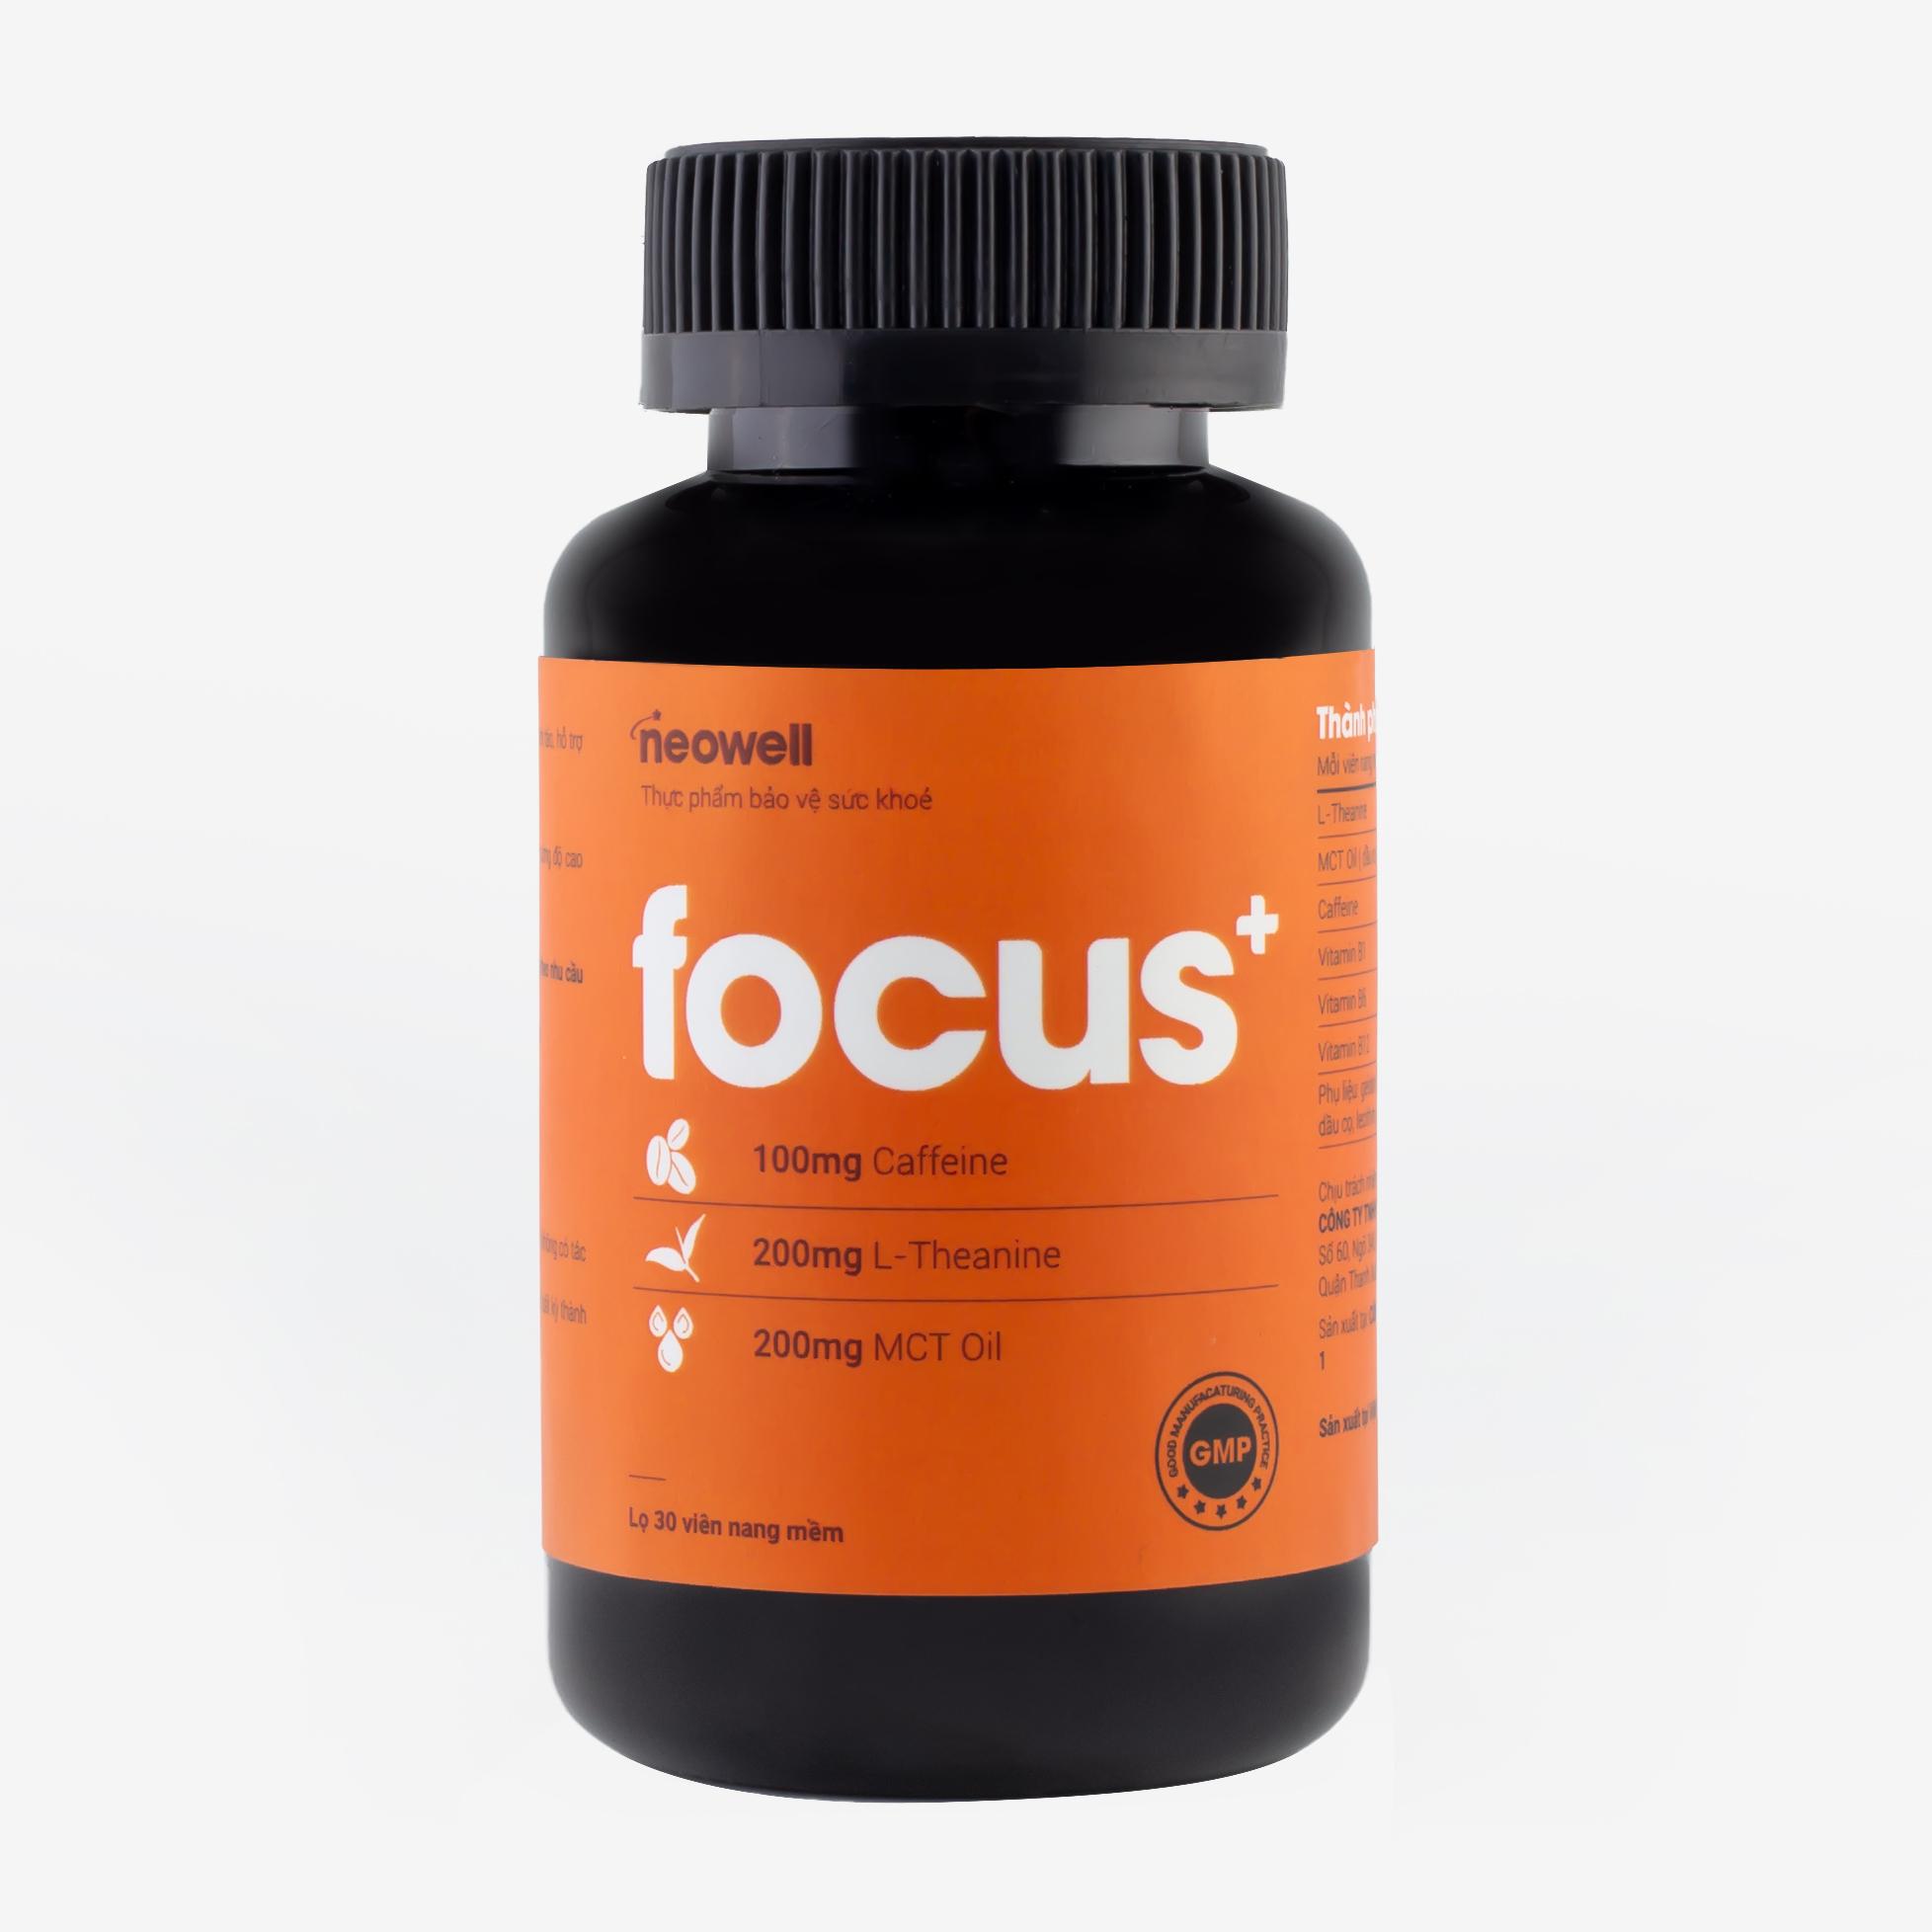 FOCUS+ - Sản phẩm giúp hỗ trợ tăng tỉnh táo, tập trung